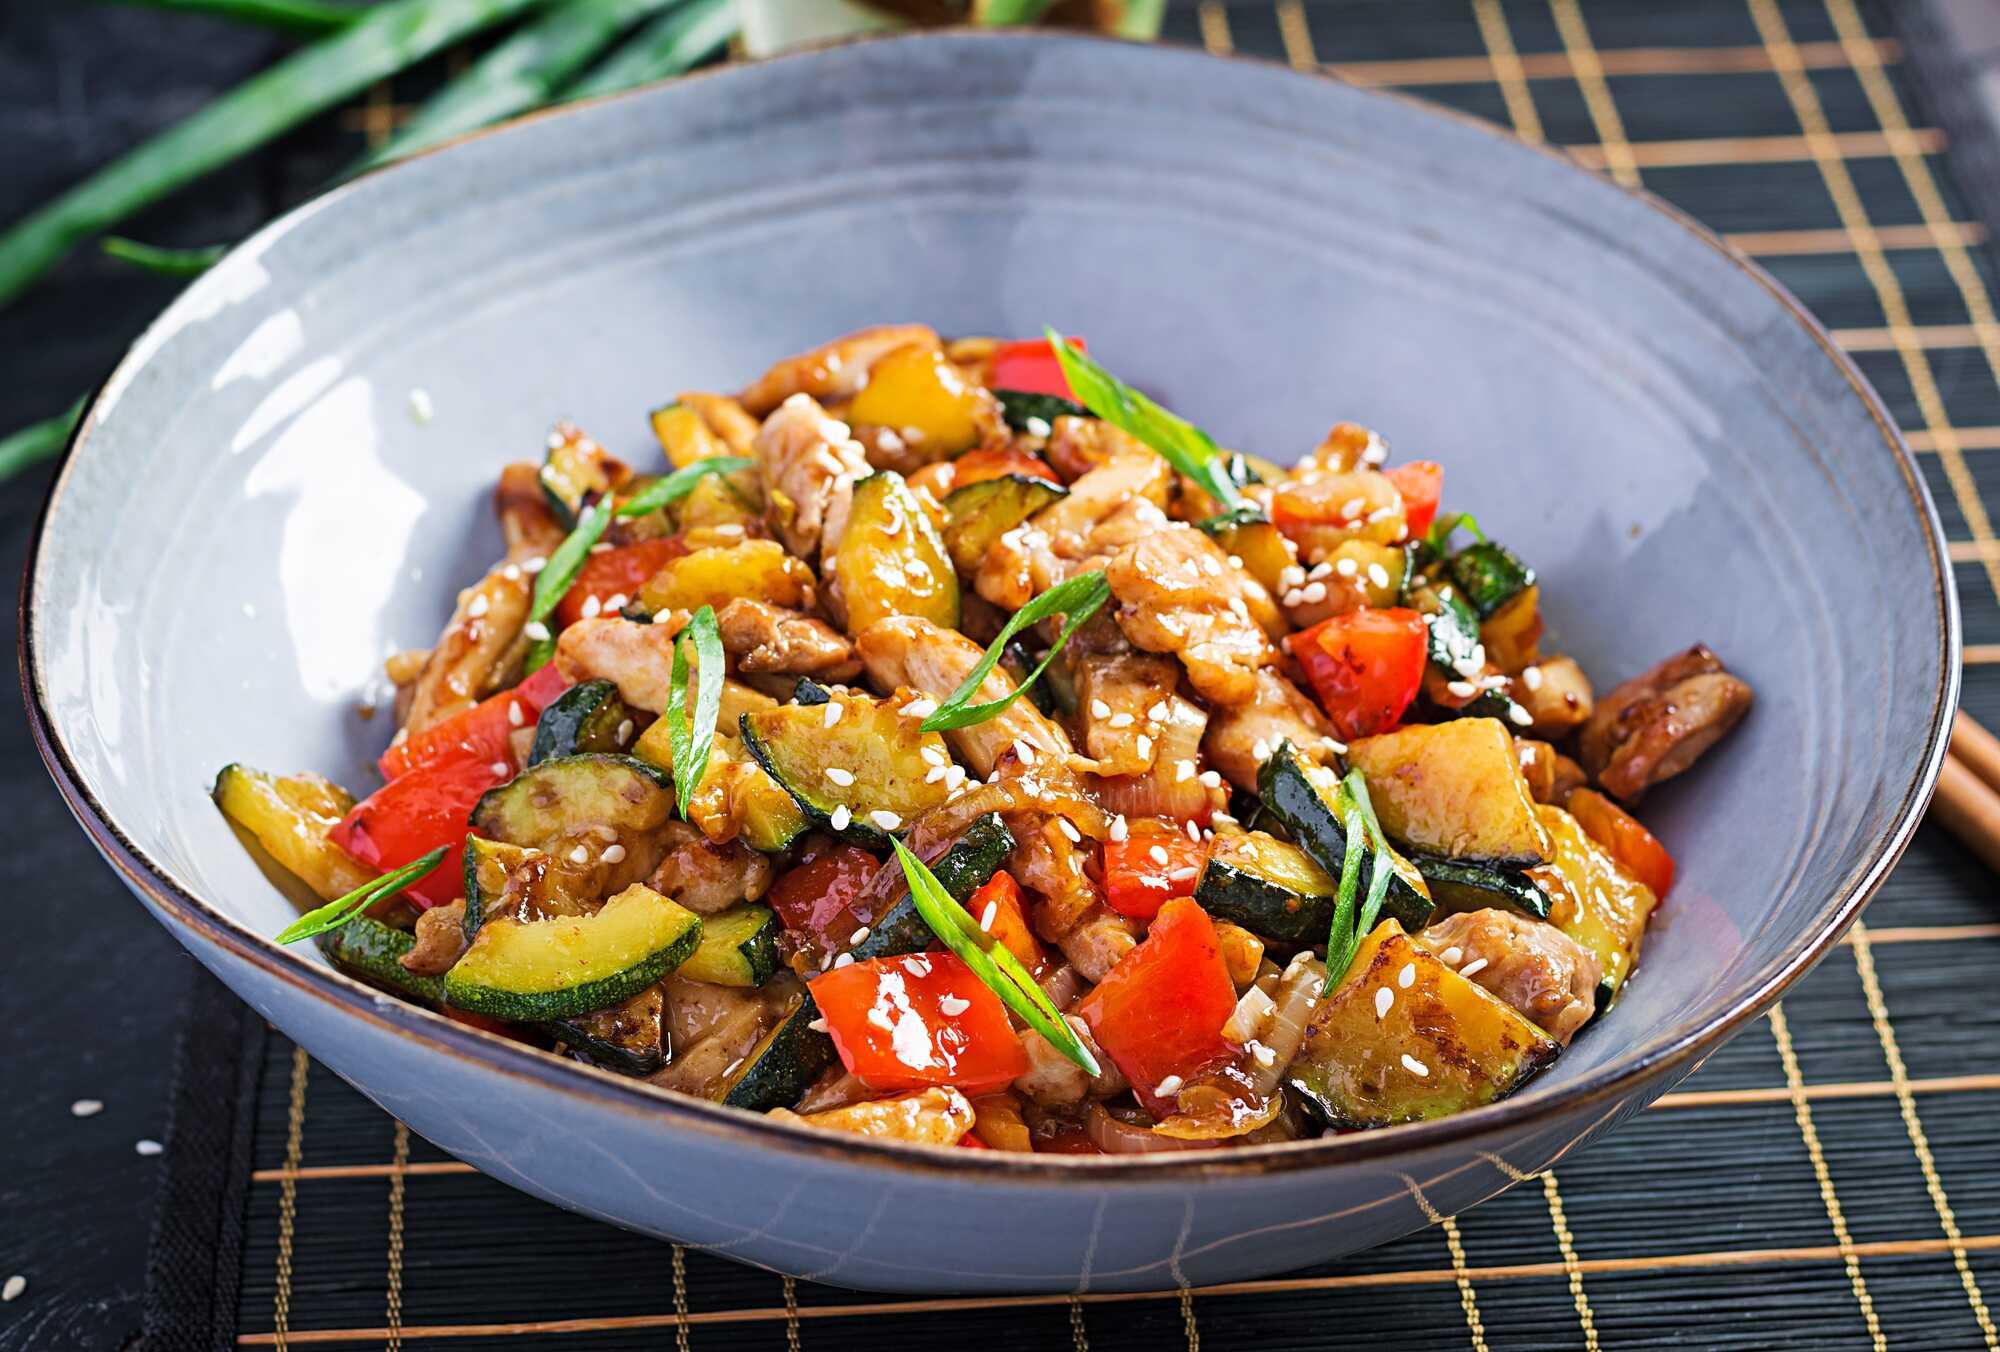 Les légumes et le poulet sont sautés préalablement, et ils sont présentés dans un bol bleu sur un set noir